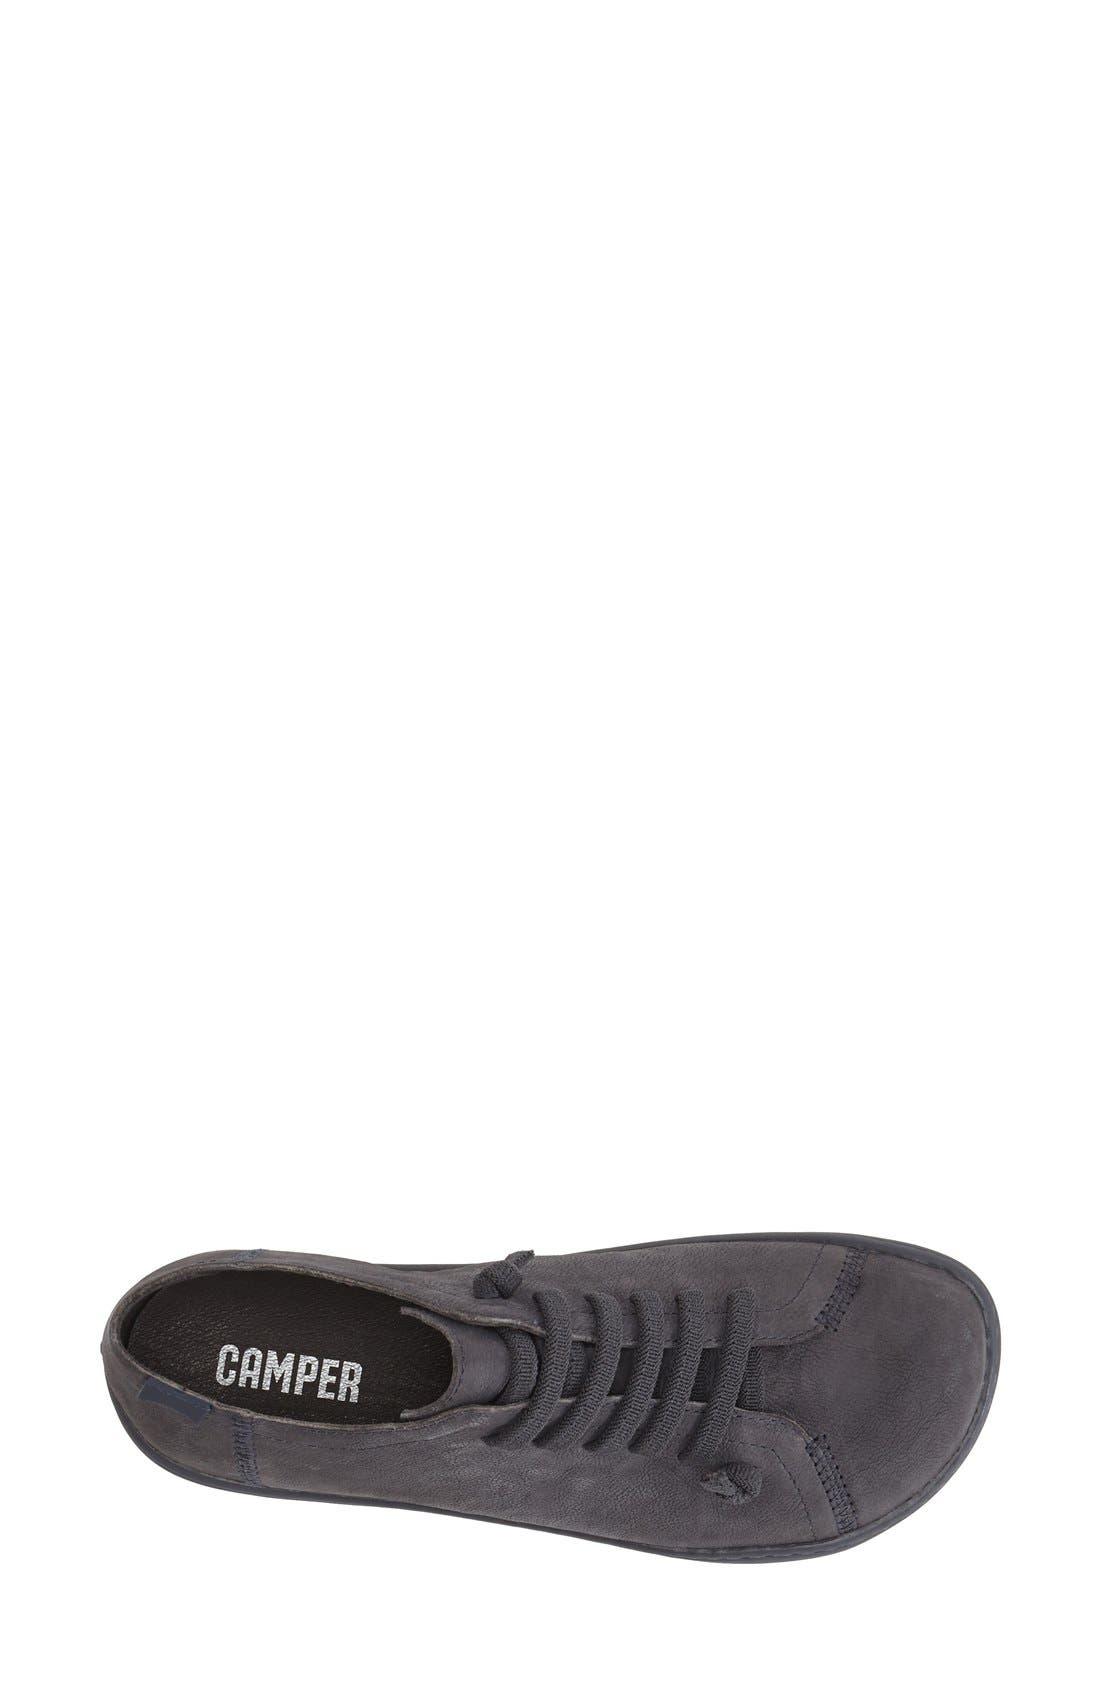 'Peu Cami' Sneaker,                             Alternate thumbnail 3, color,                             020